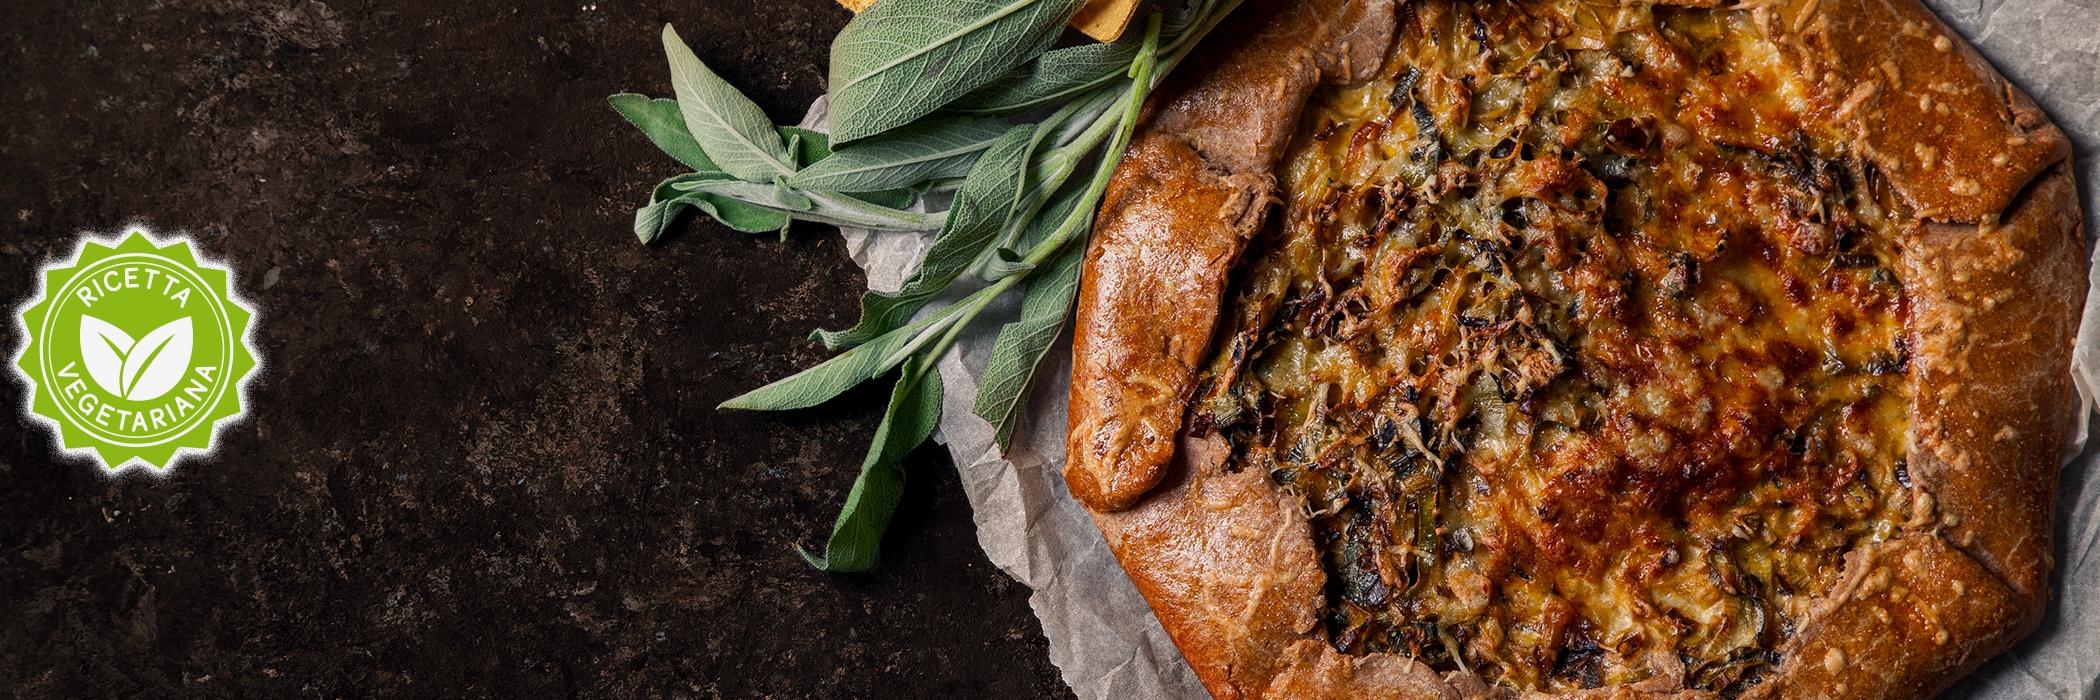 Torta salata di farina integrale con verdure e salvia